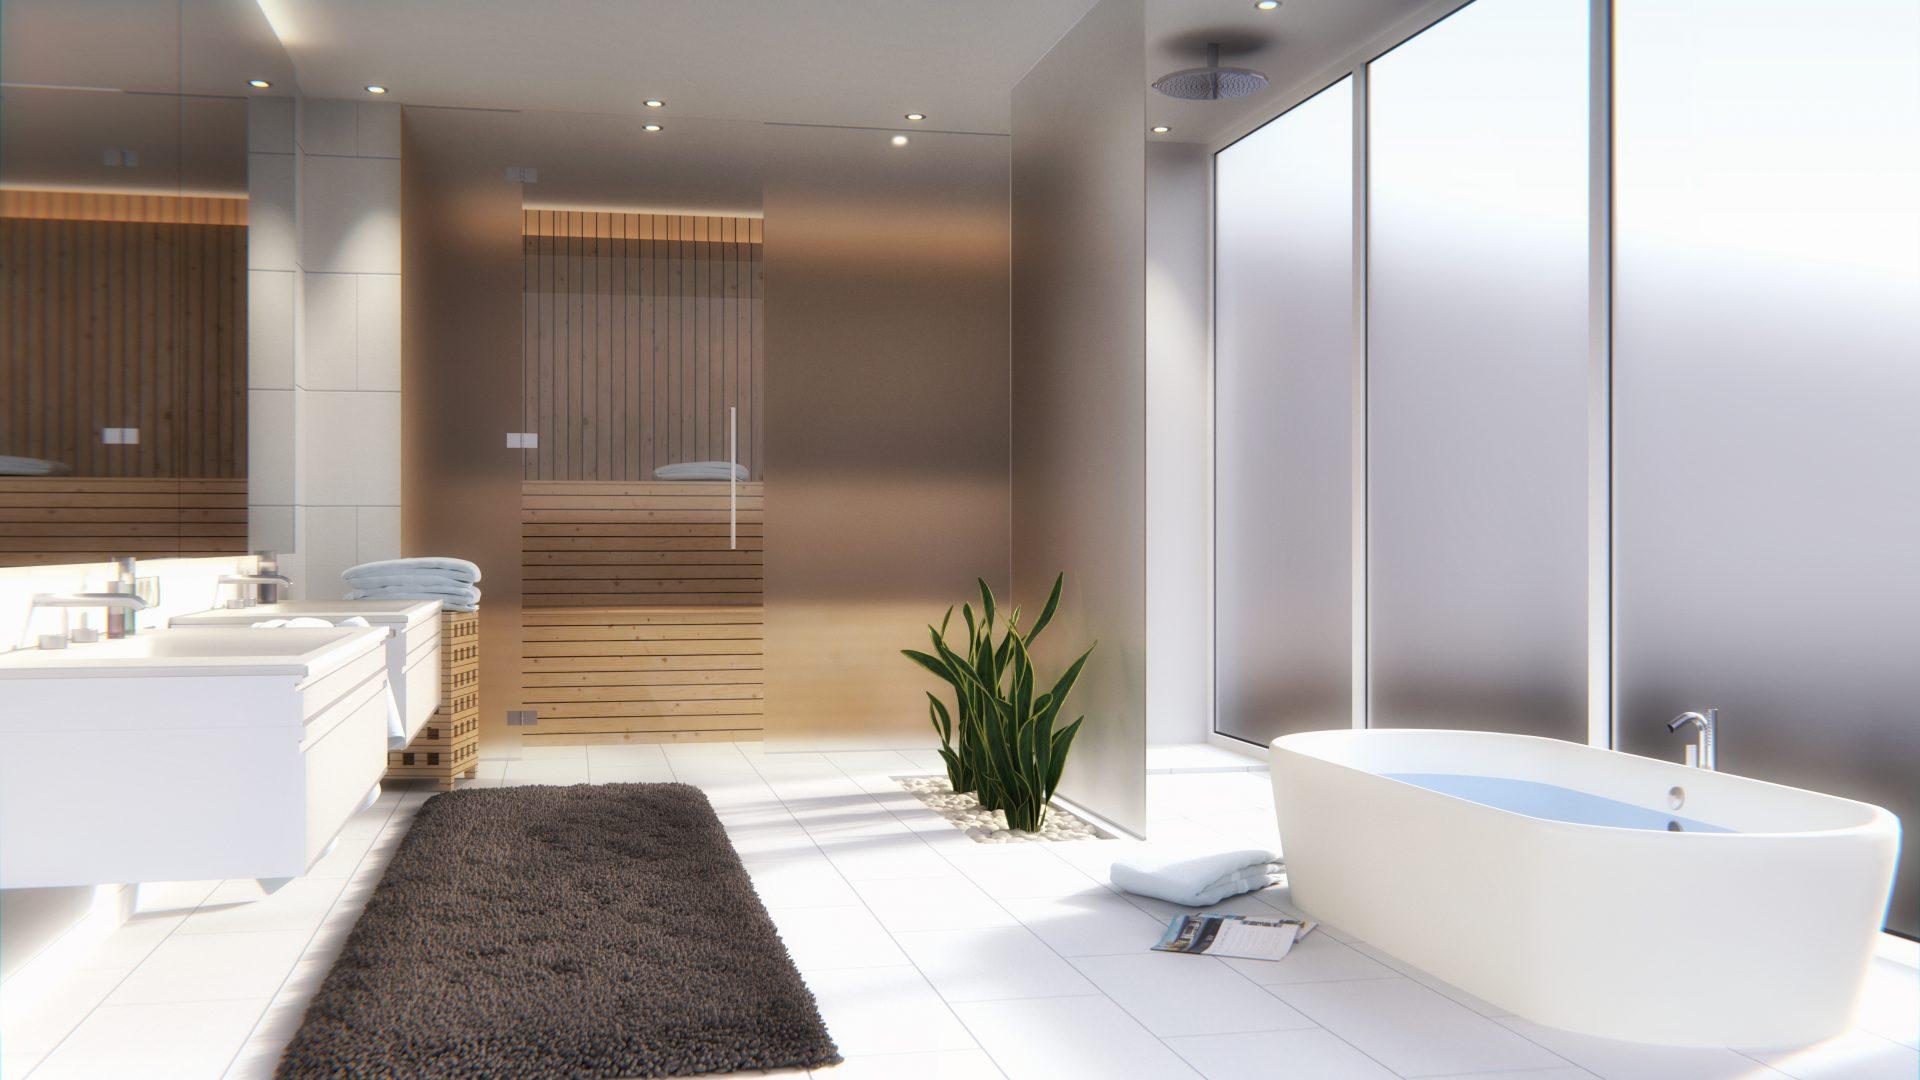 die richtige größe für das gäste wc planen - herold.at, Badezimmer ideen